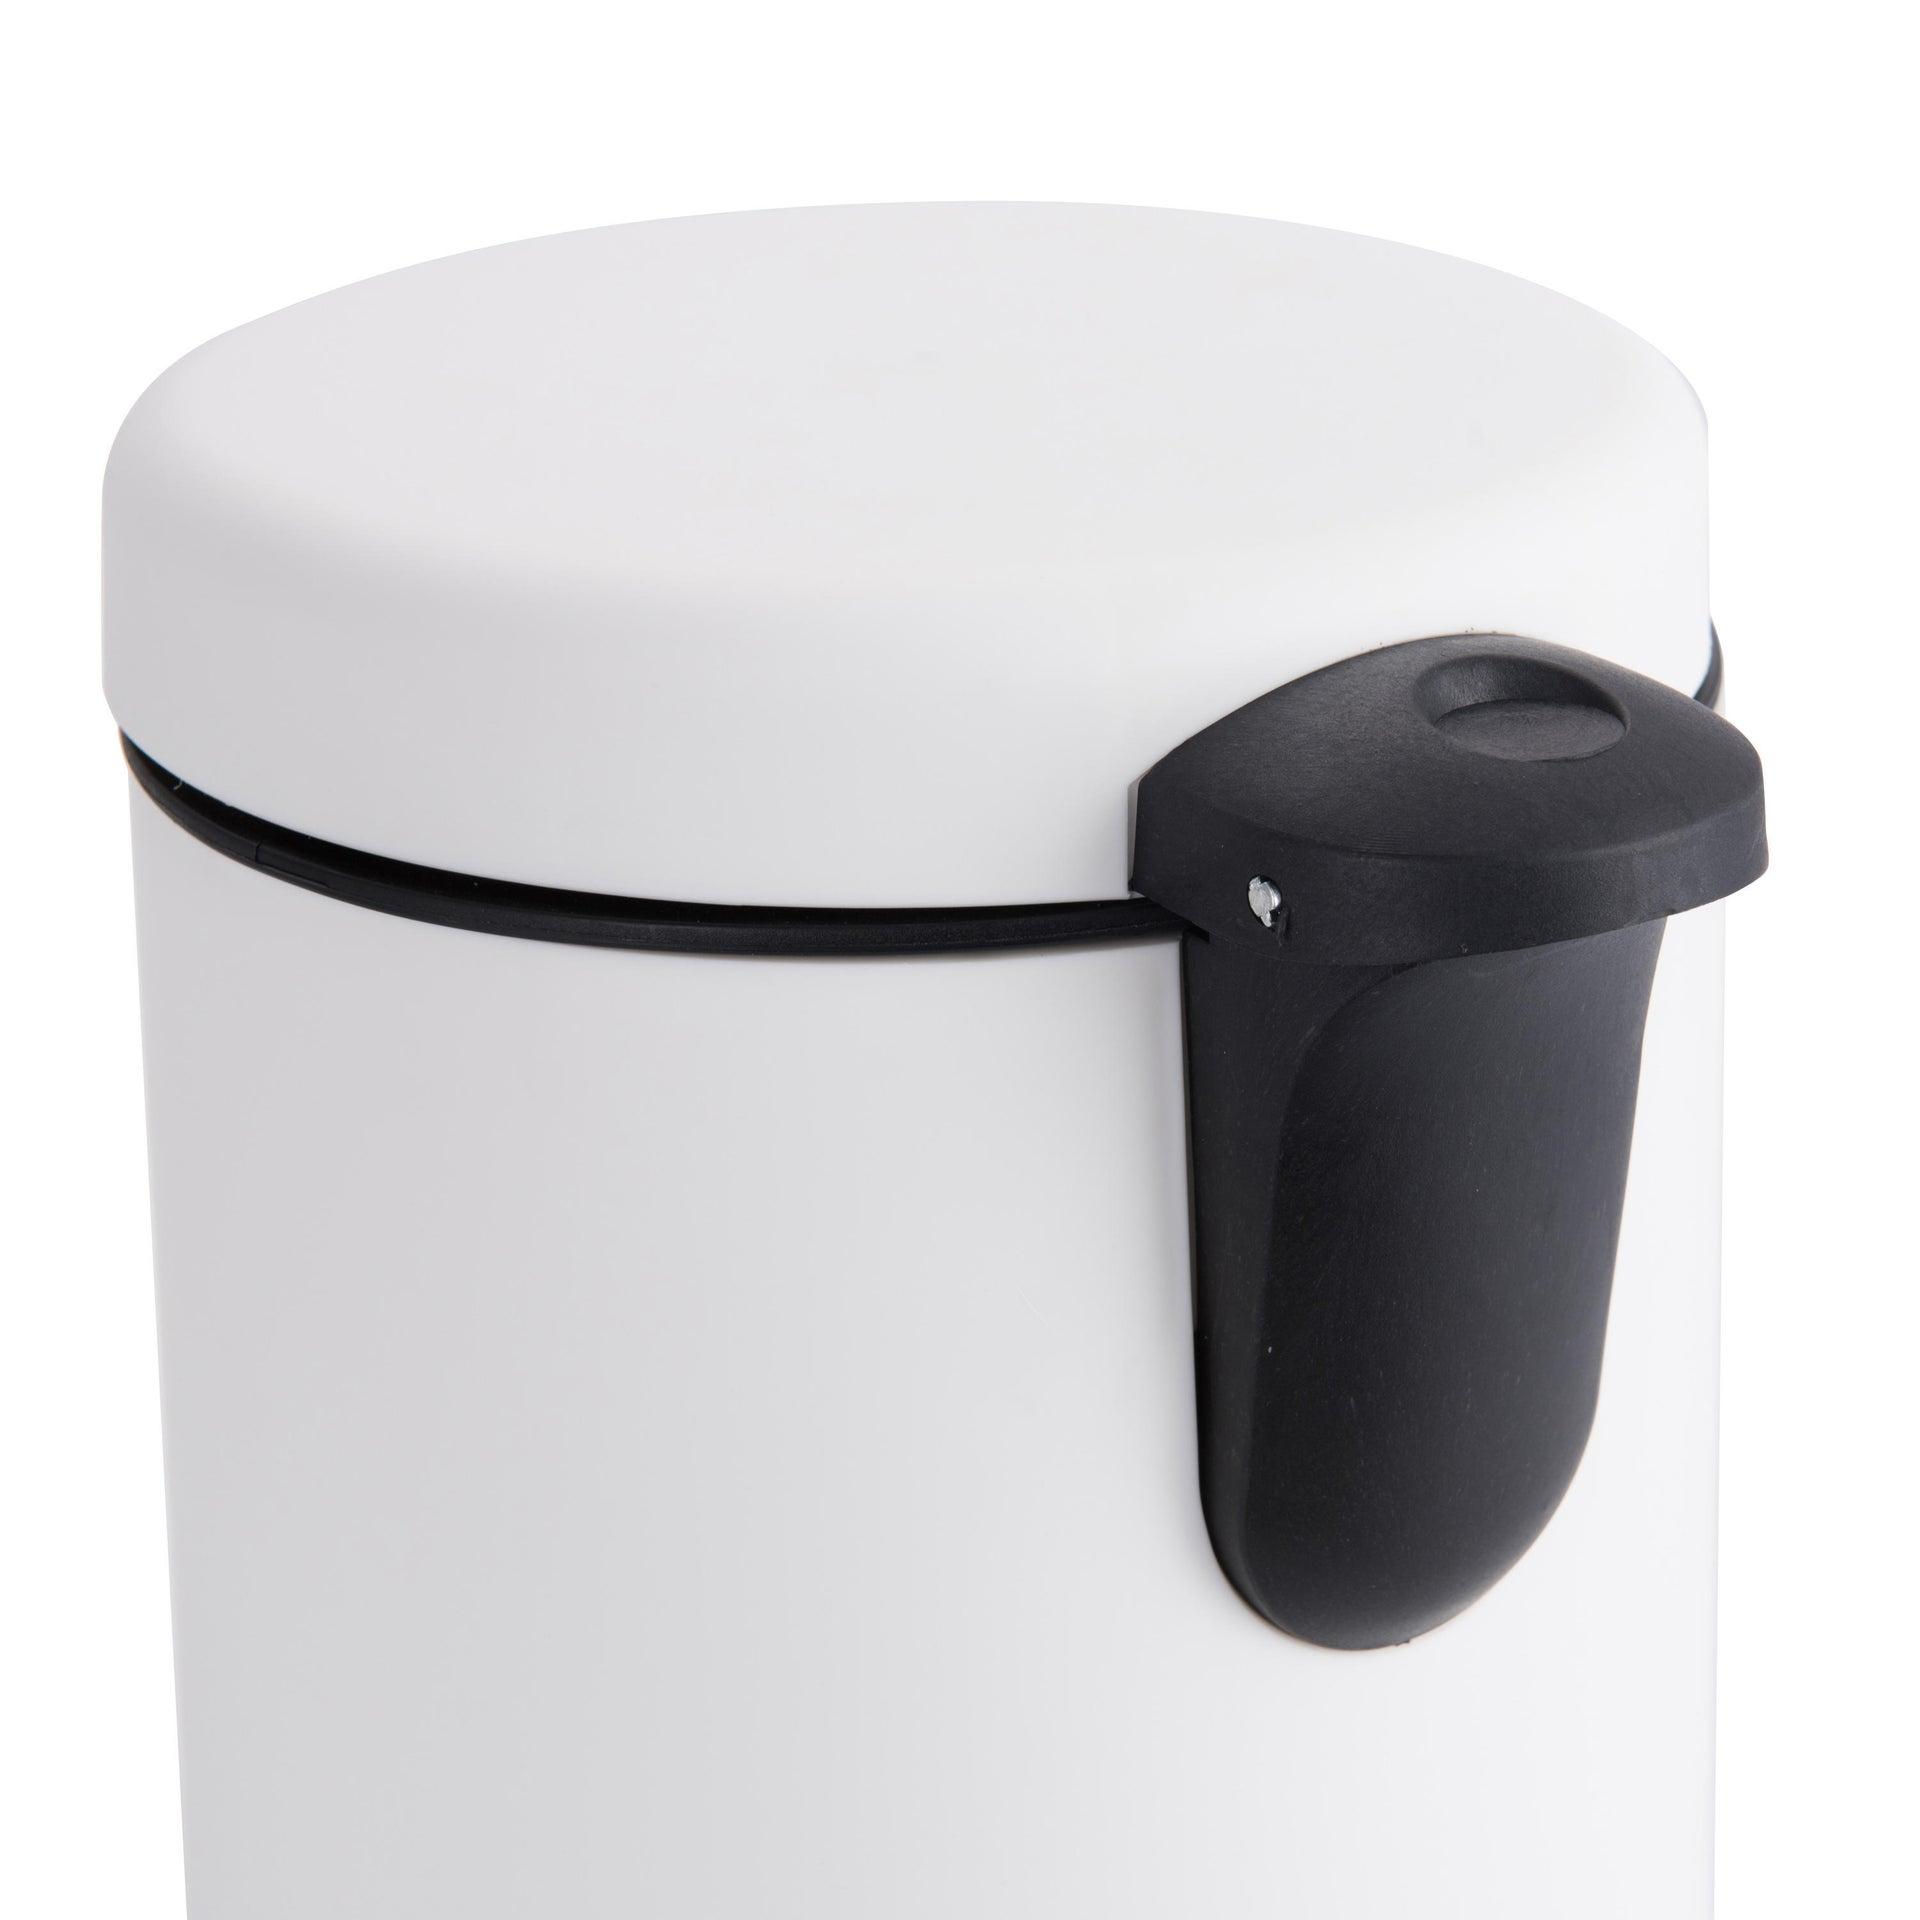 Pattumiera da bagno a pedale SENSEA 3 Lin plastica - 3